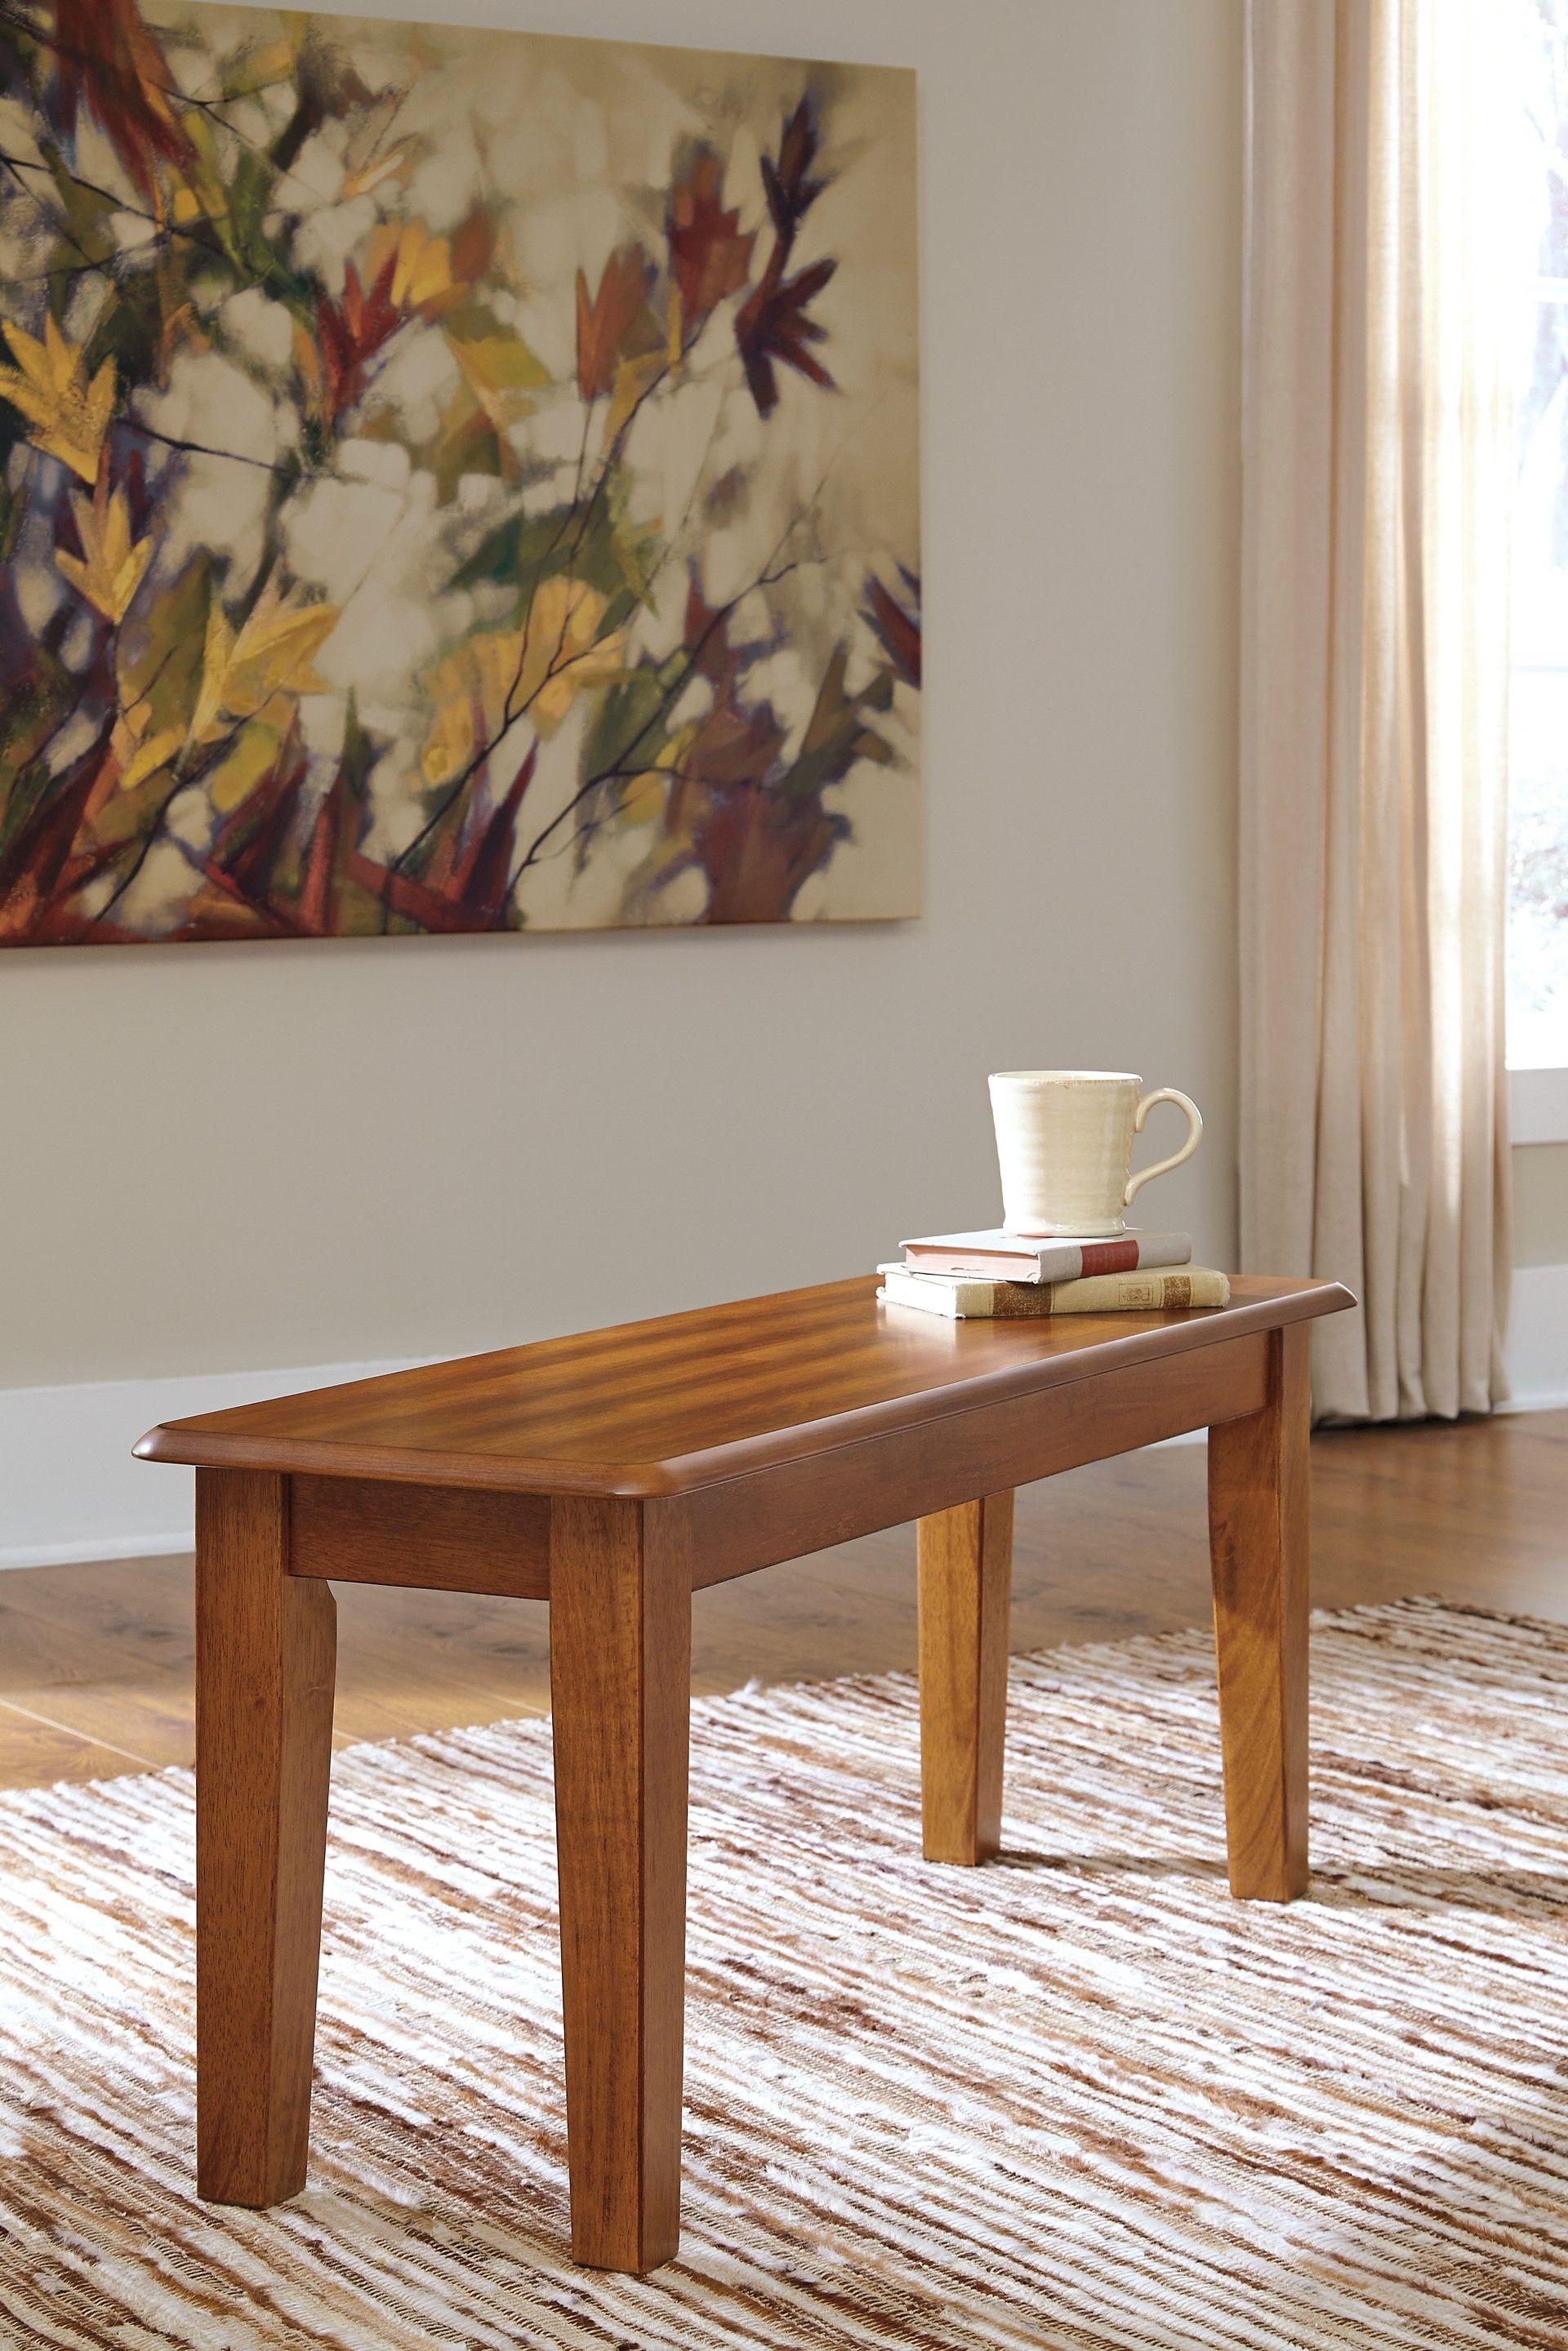 Ashley Furniture Berringer D199 00 Large Dining Room Bench